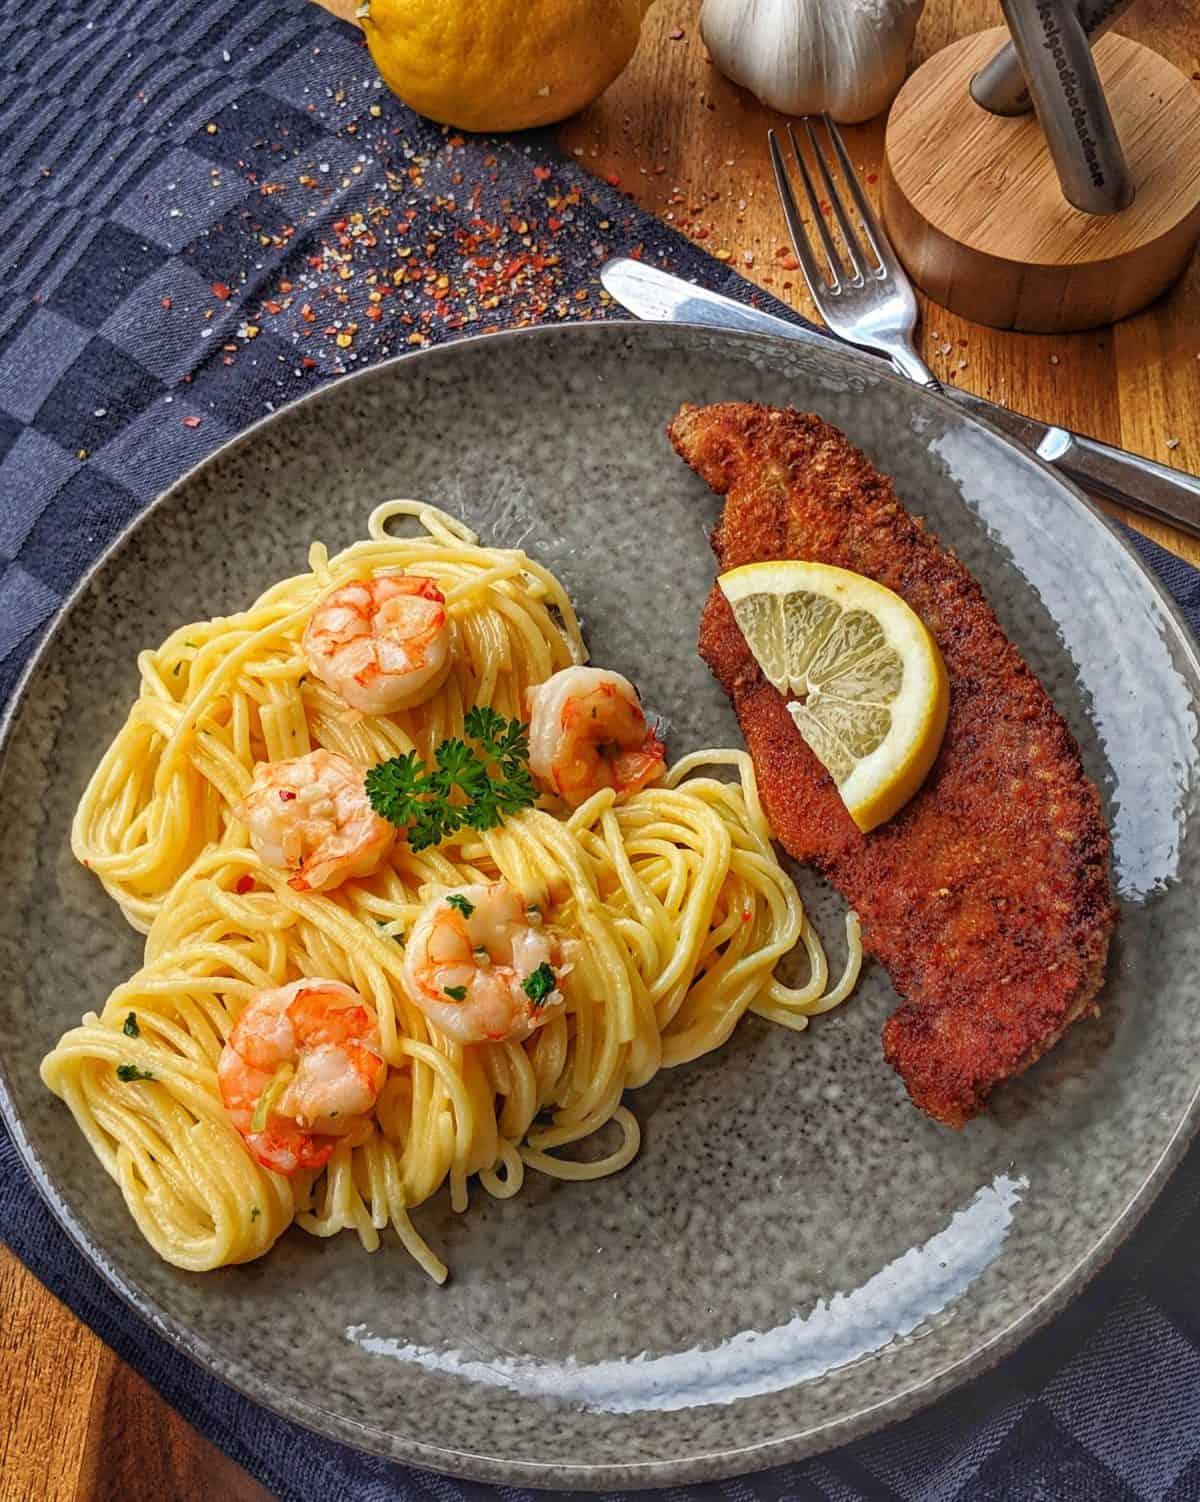 Spaghetti Aglio Olio mit Scampi und Parmesanschnitzel